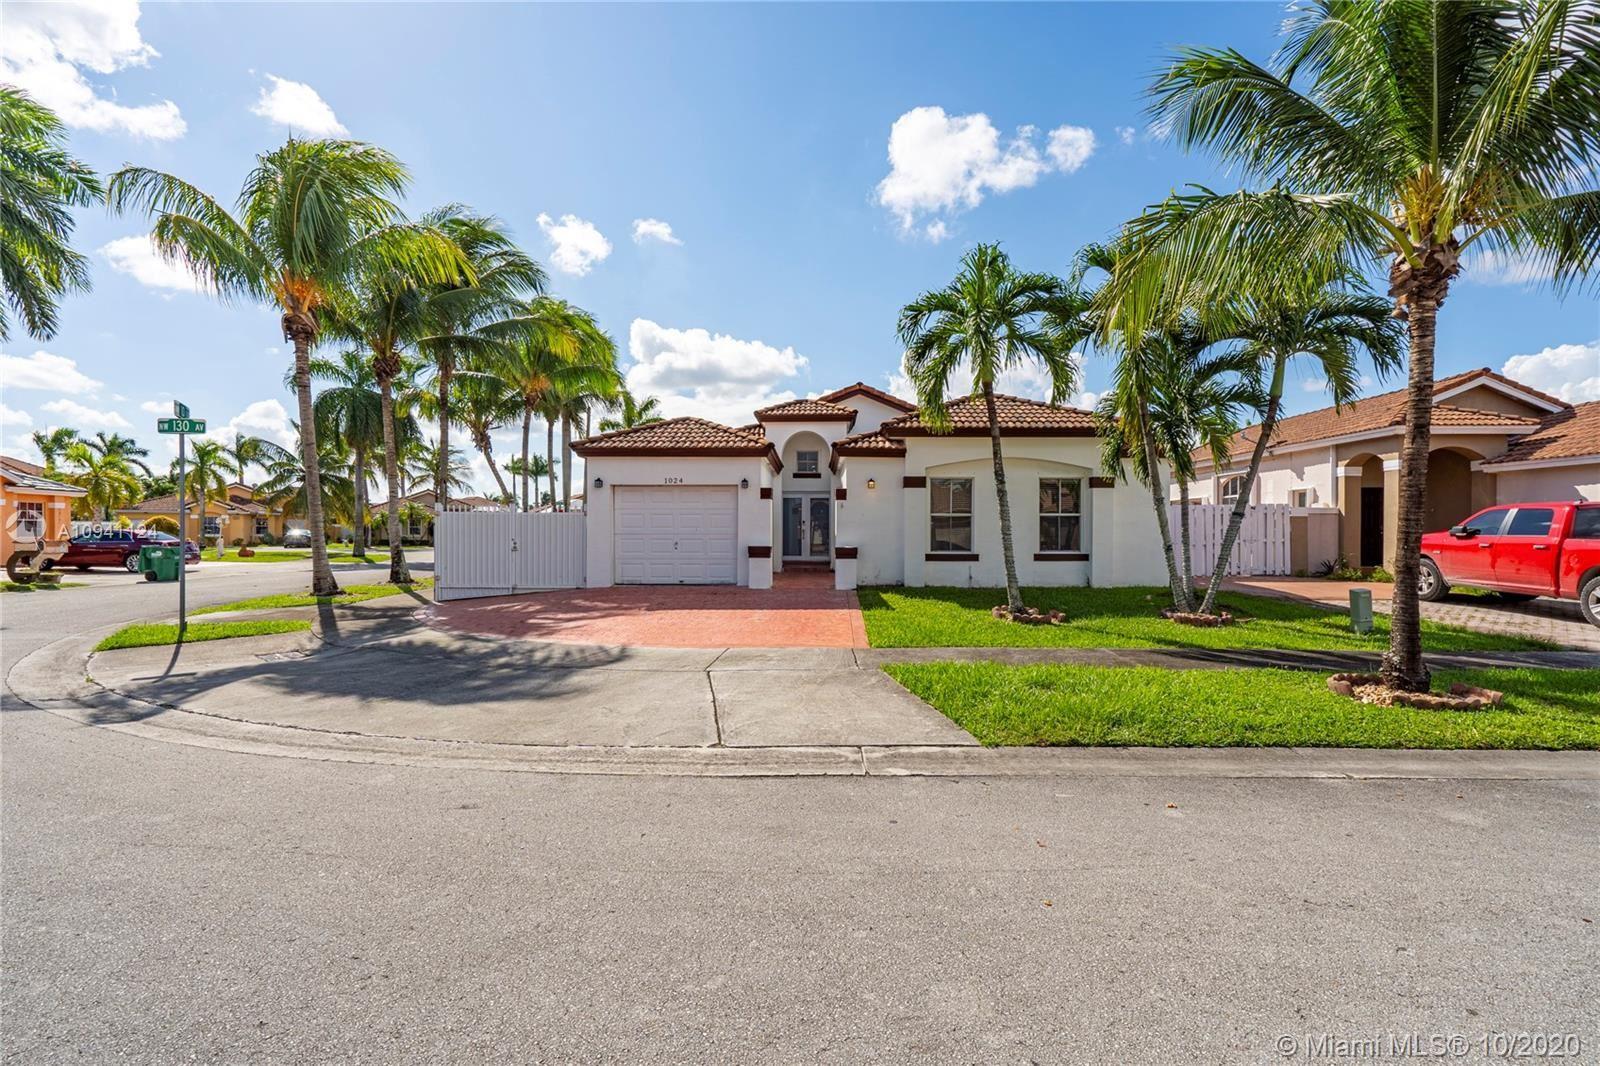 1024 NW 130th Ave, Miami, FL 33182 - #: A10941124